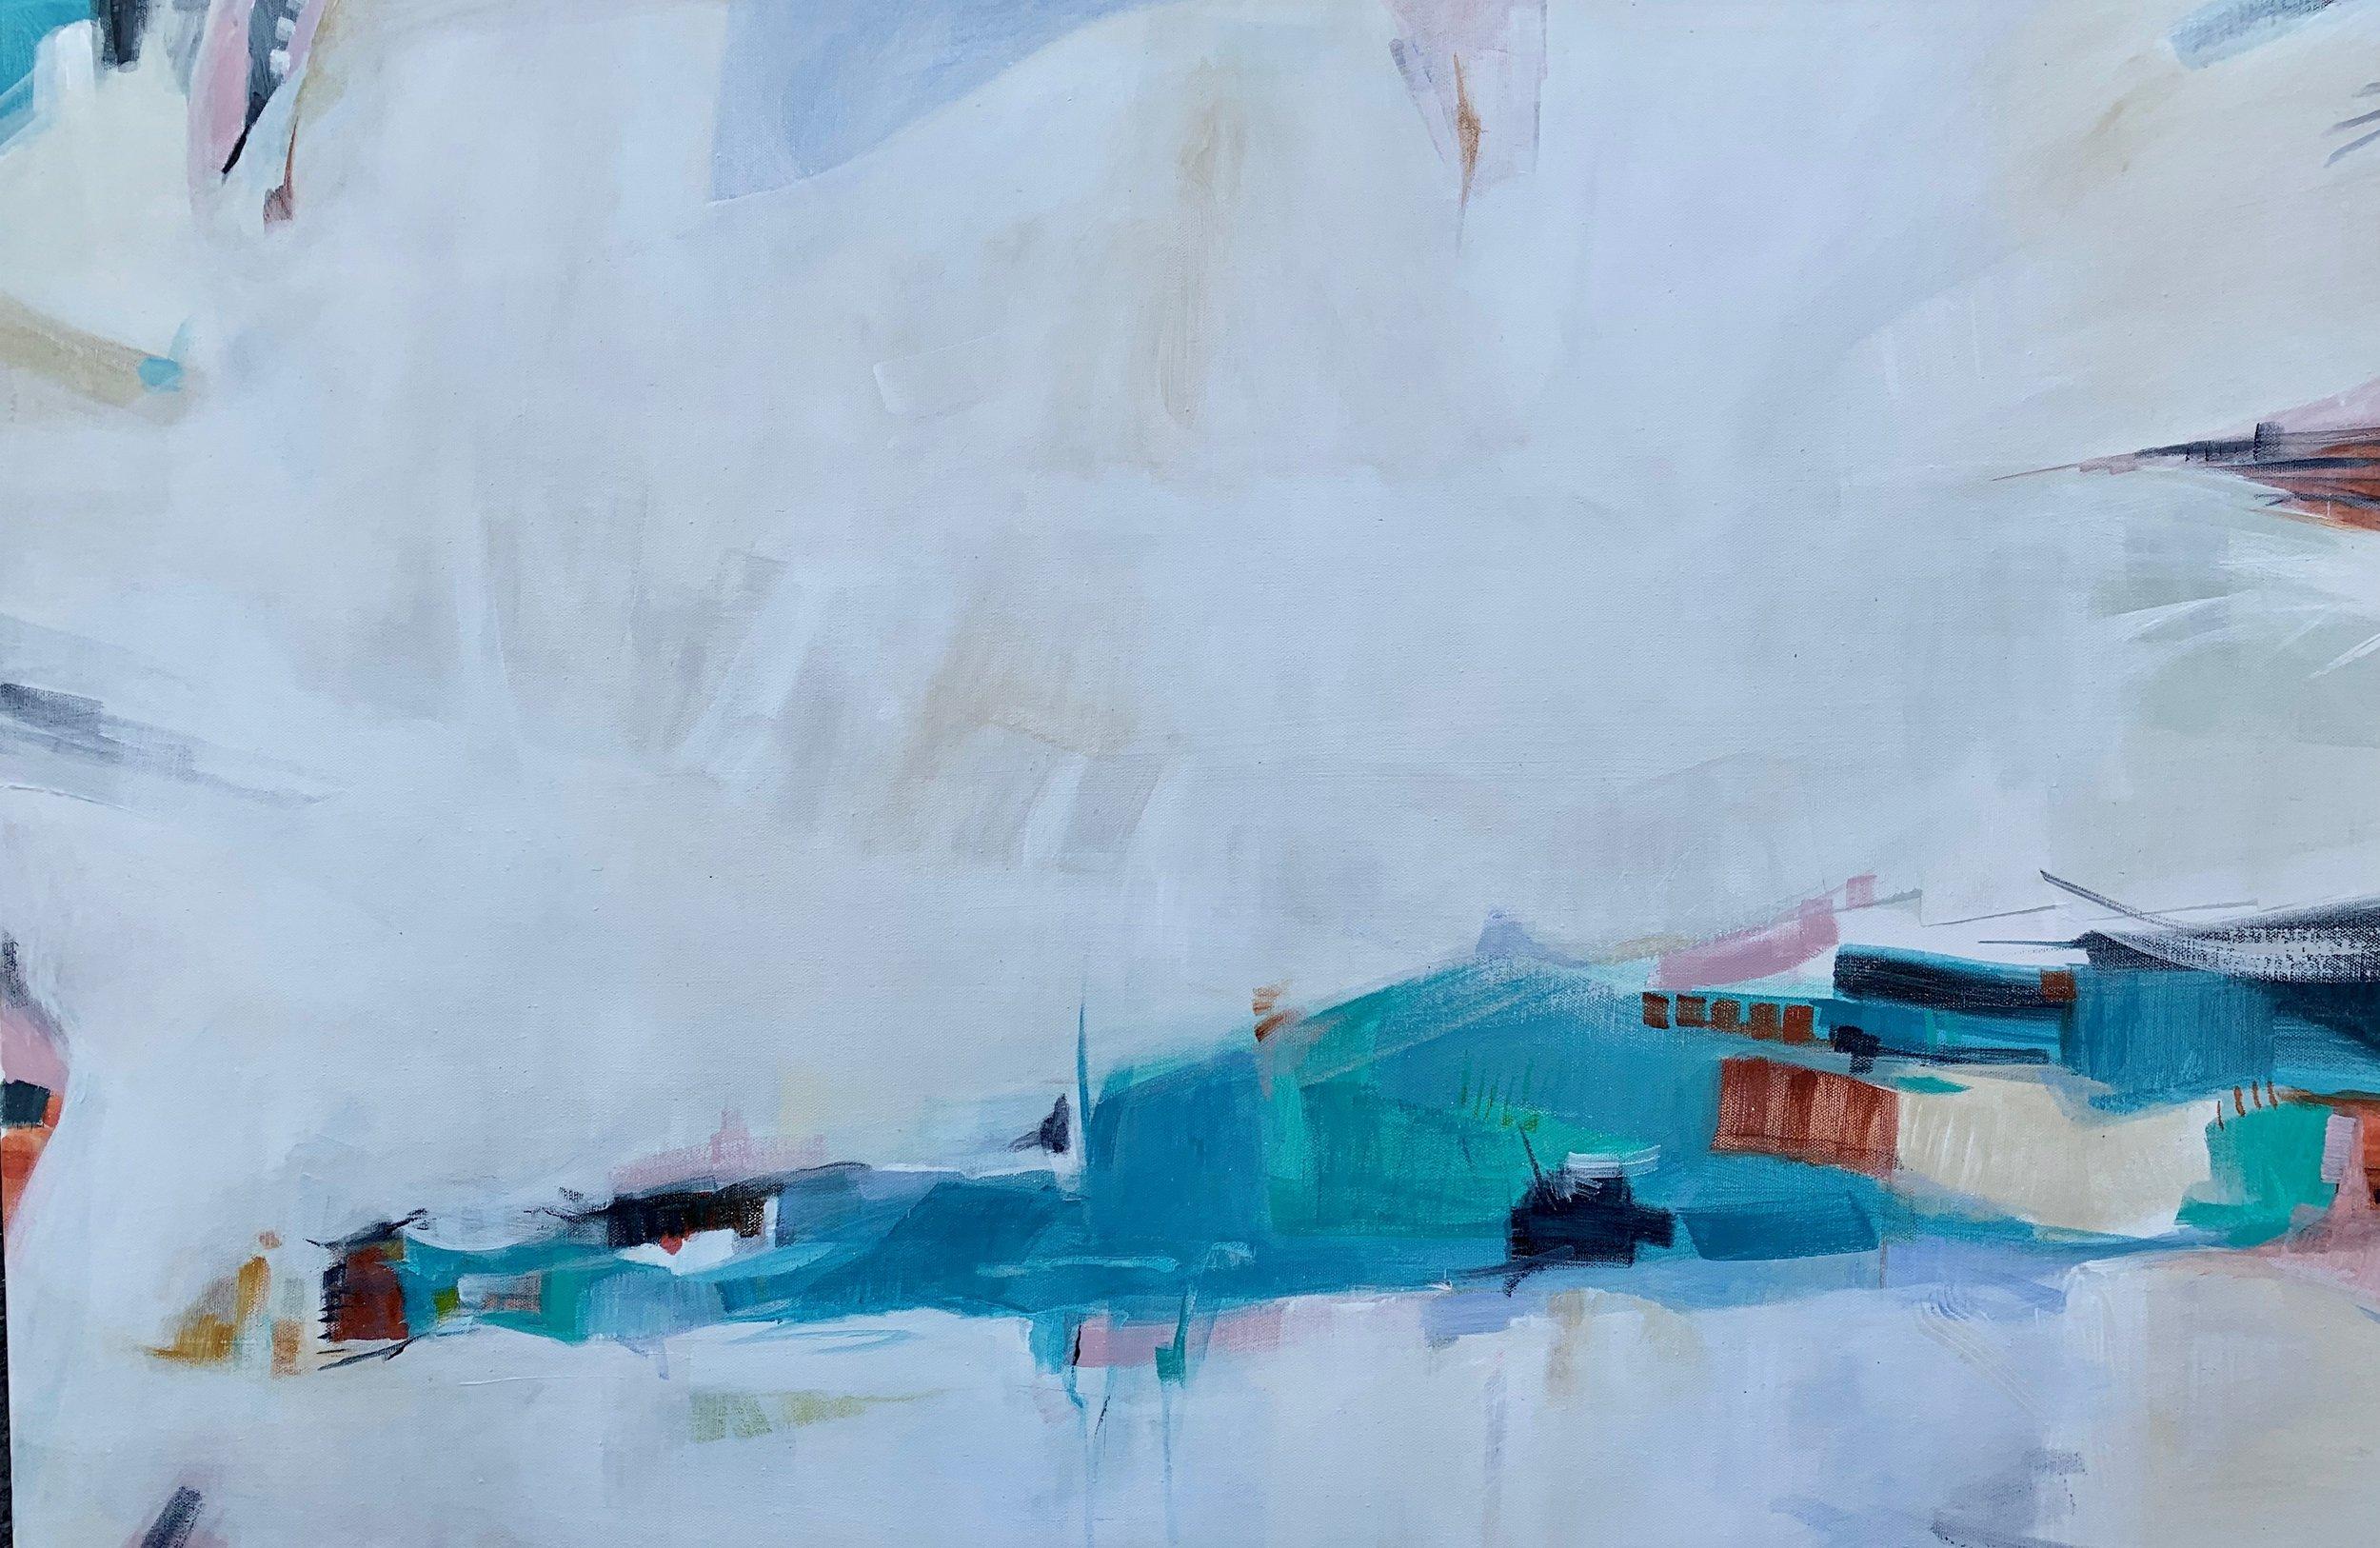 The Fog Lifts, Acrylic on Canvas, 24 x 36